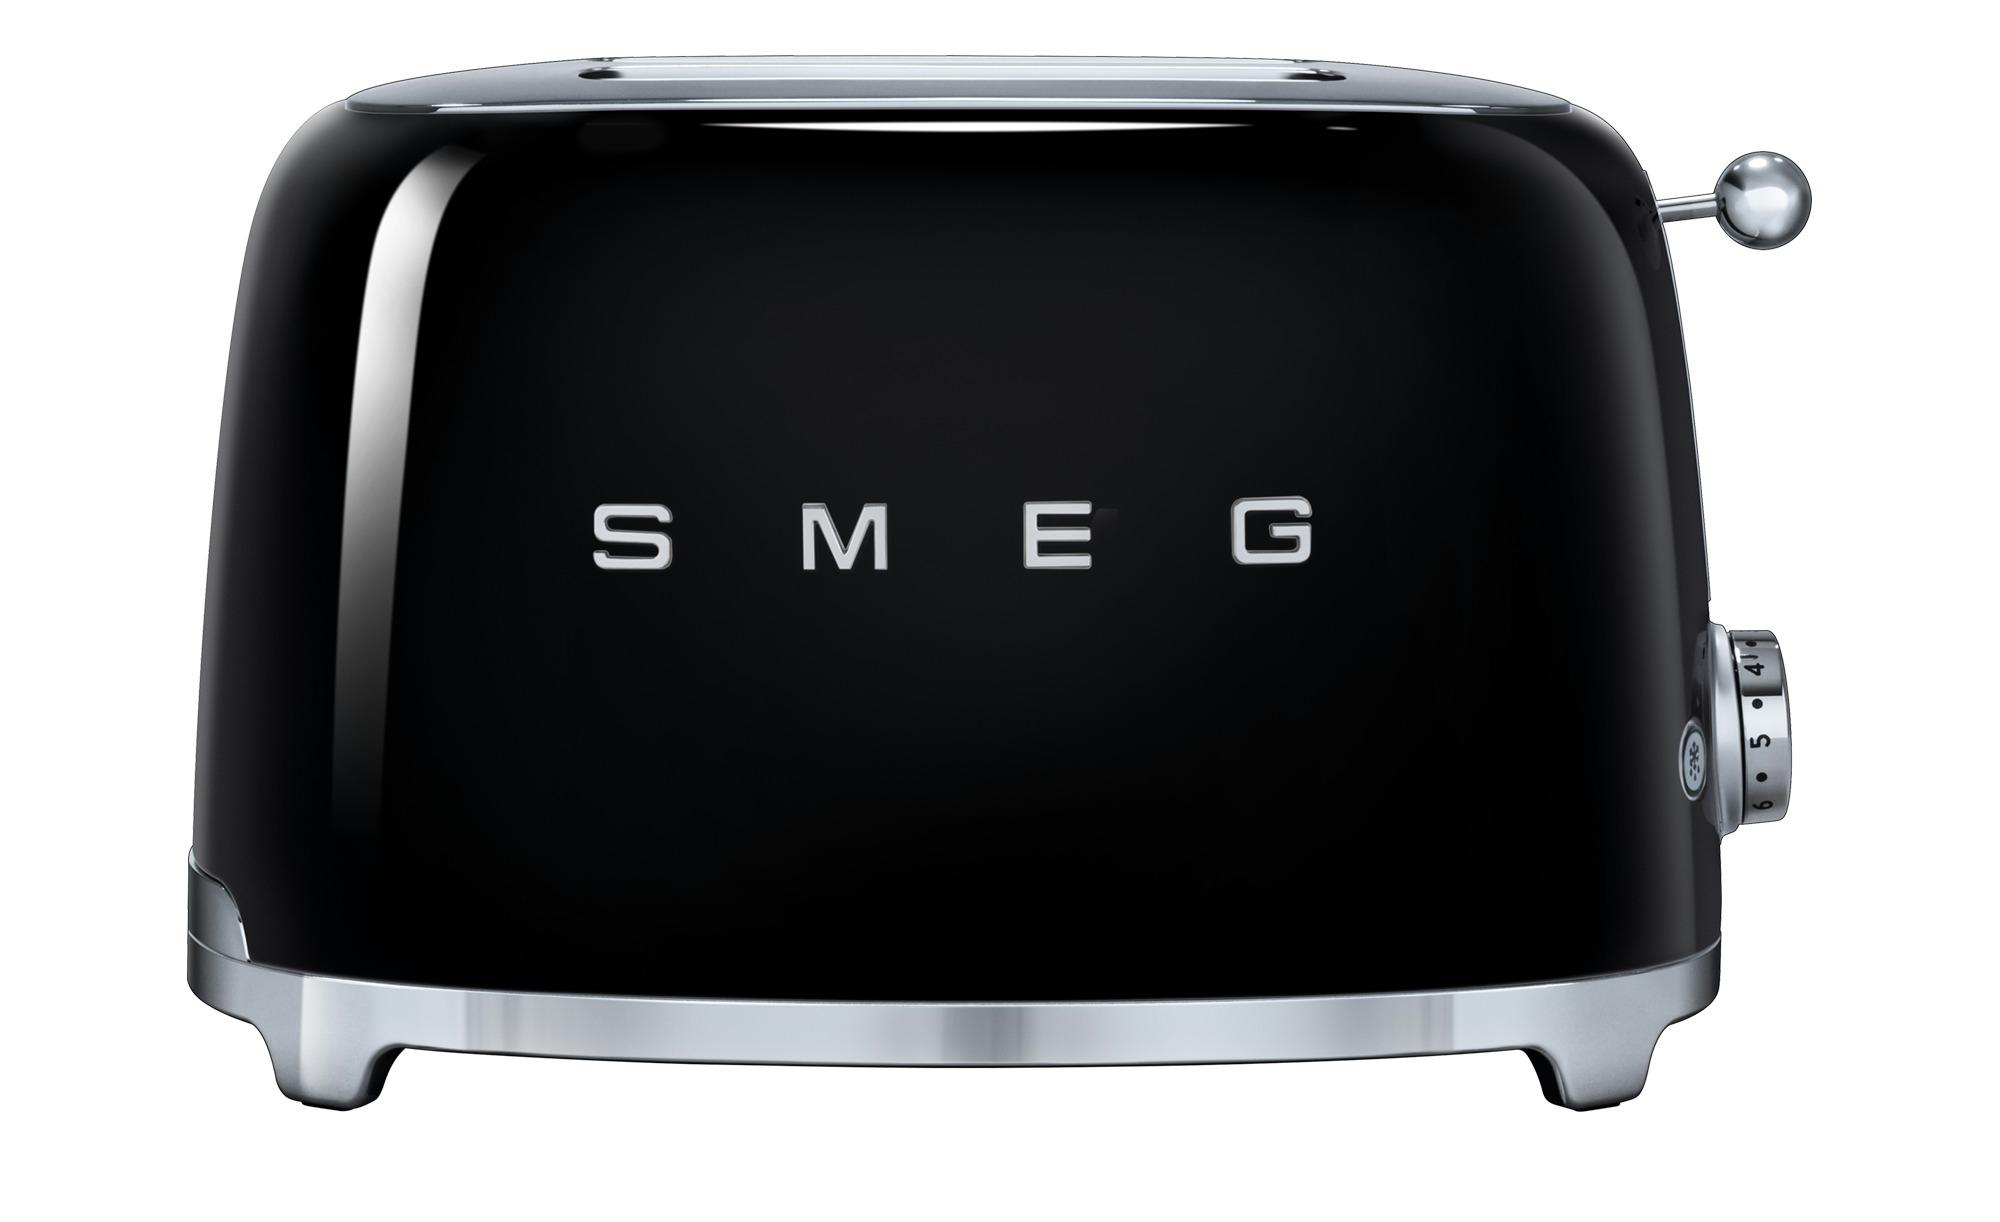 smeg Toaster  TSF01BLEU - schwarz - Edelstahl - 31 cm - 19,8 cm - 19,5 cm - Dekoration > Geschenkartikel > Geschenke für Genießer - Möbel Kraft | Küche und Esszimmer > Küchengeräte > Toaster | smeg